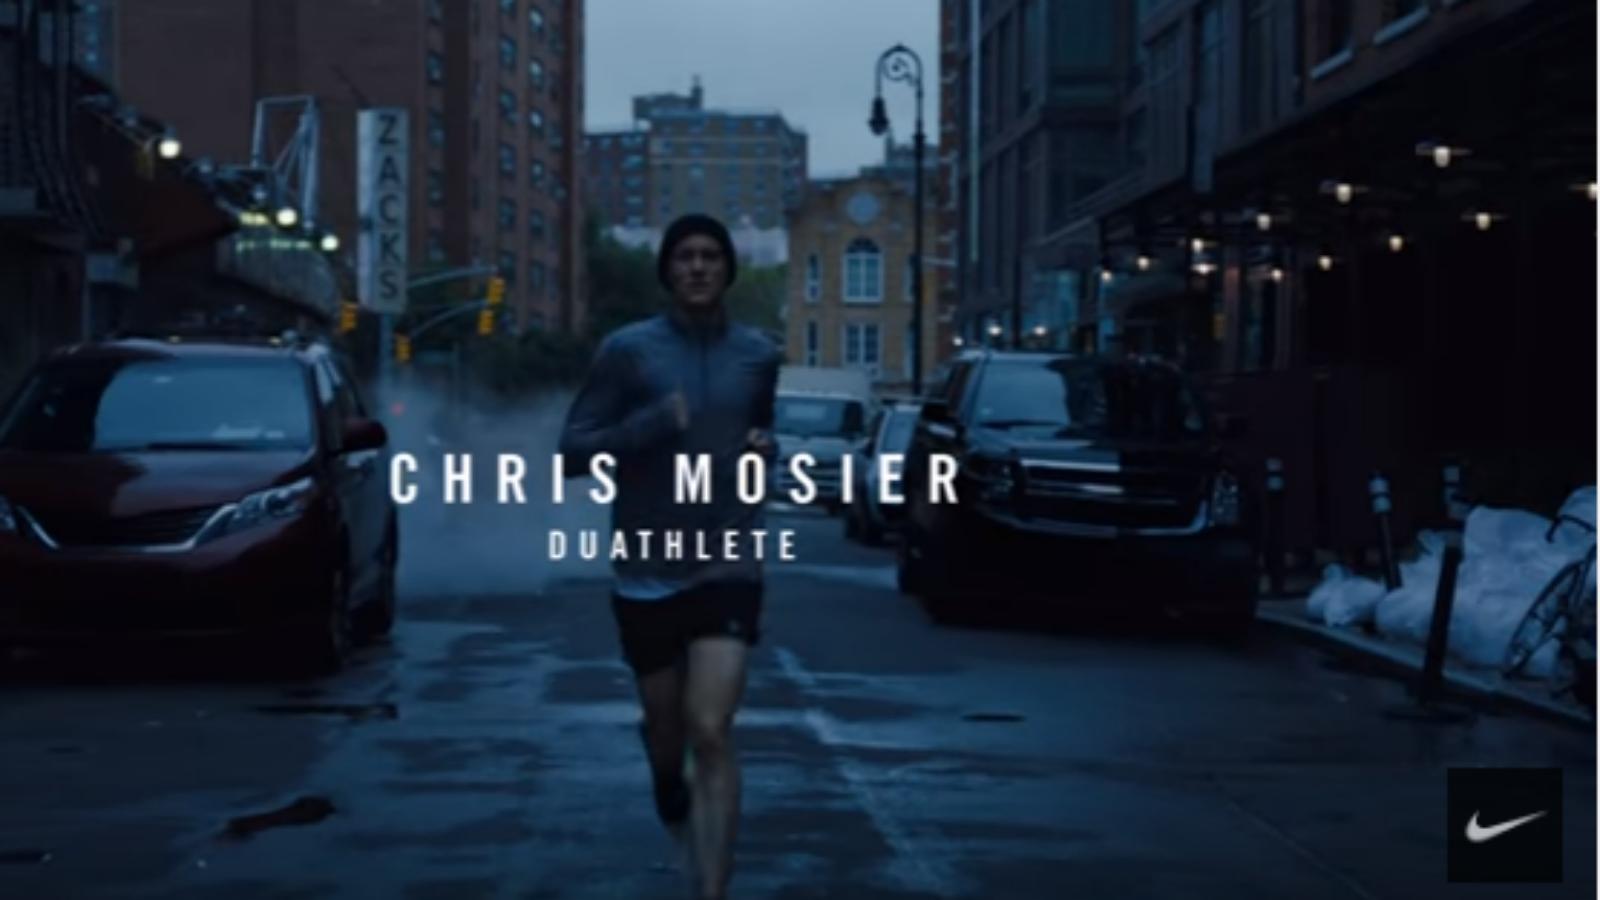 Chris Mosier; Transgender; Nike Ad